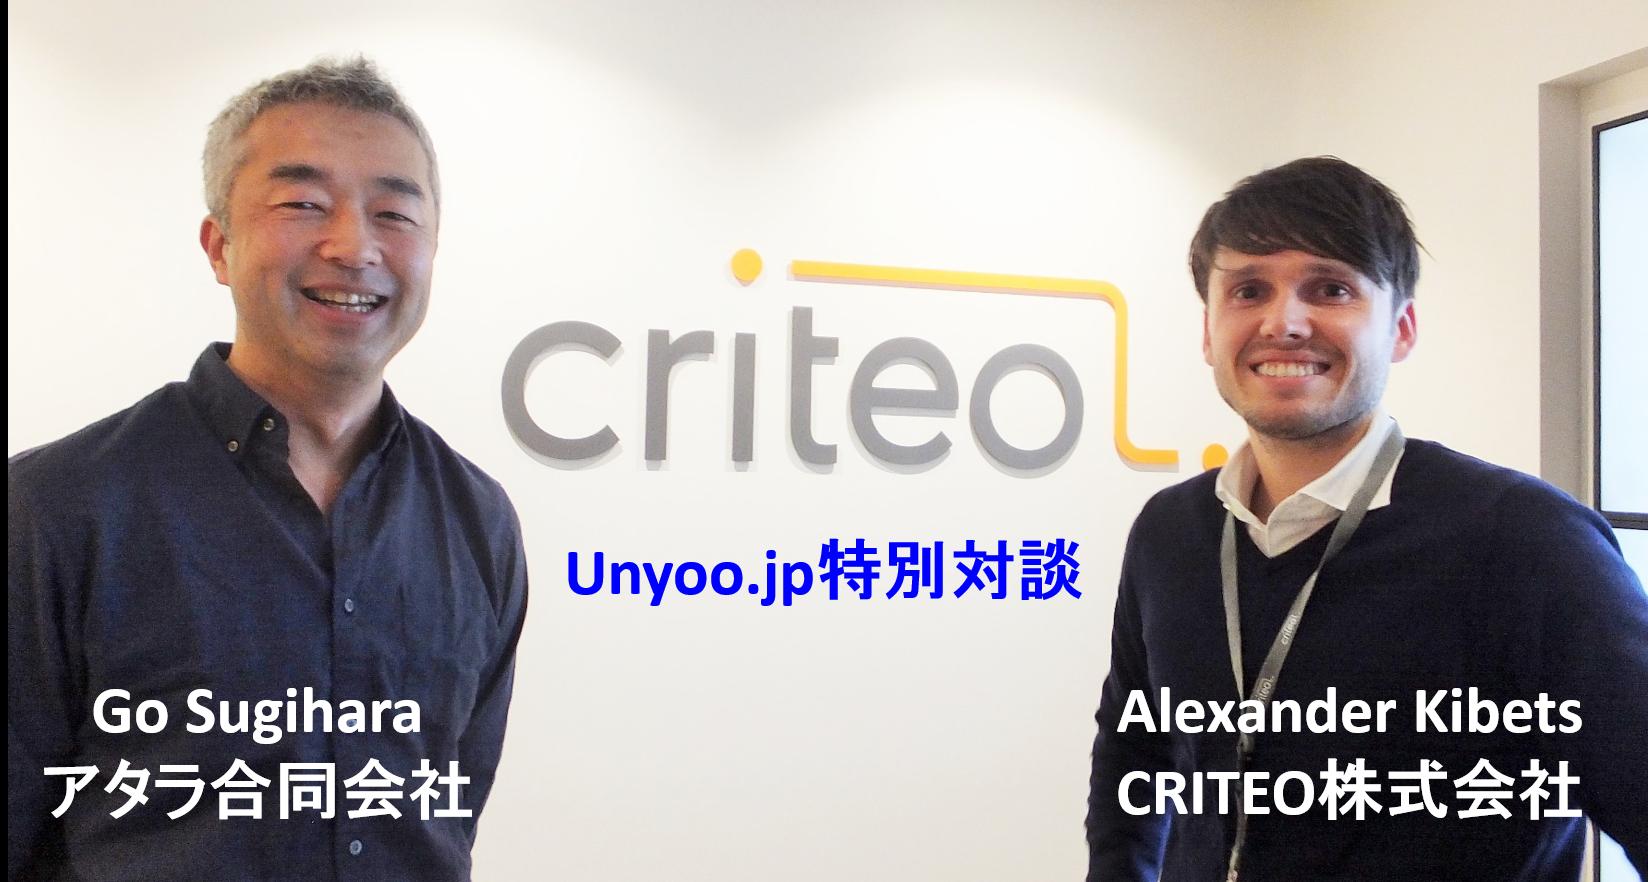 Criteo Emailの日本における可能...